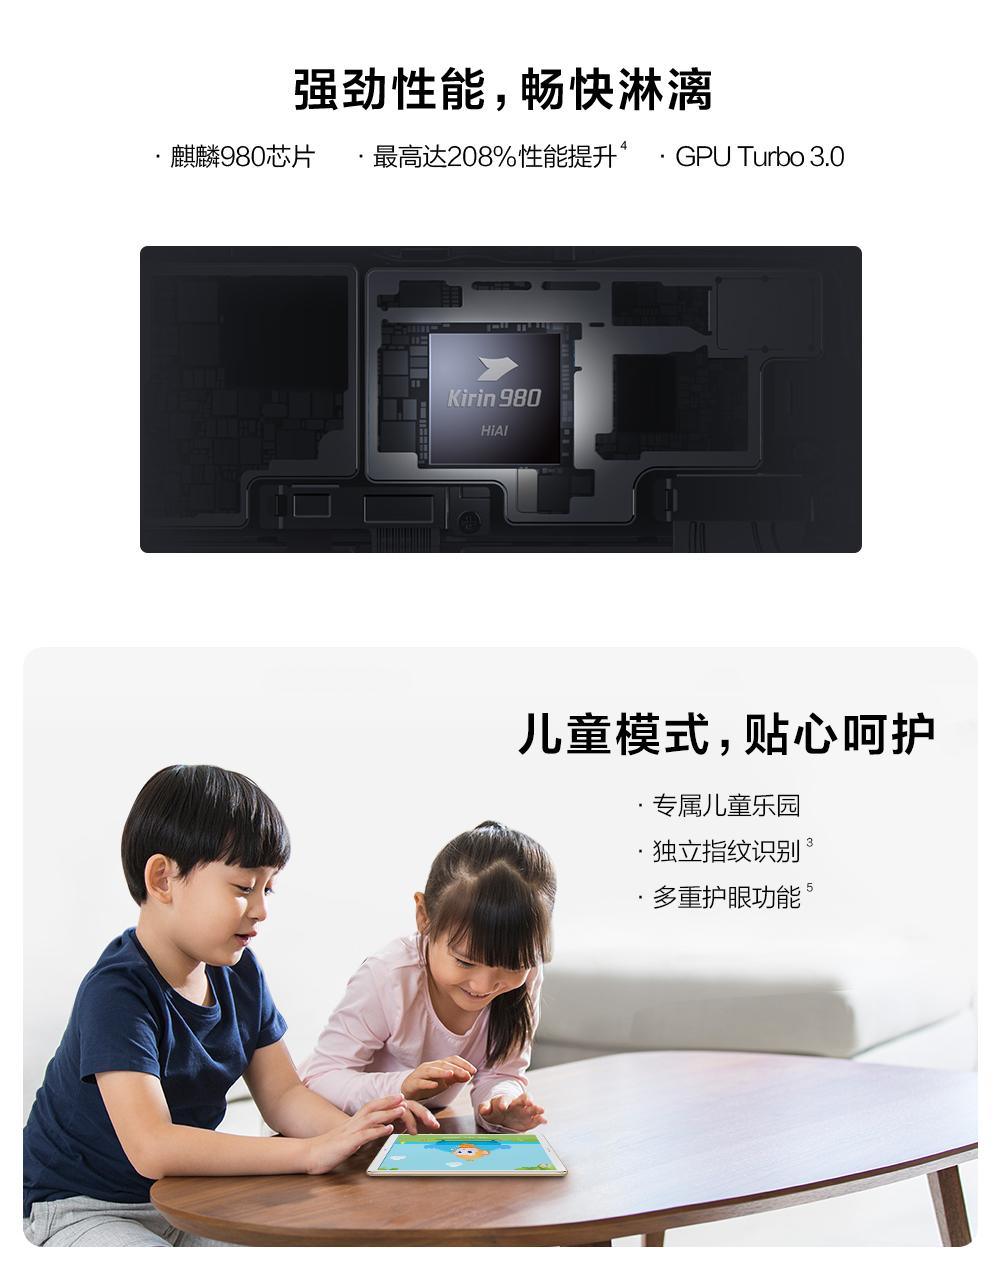 平板m6-_04.jpg